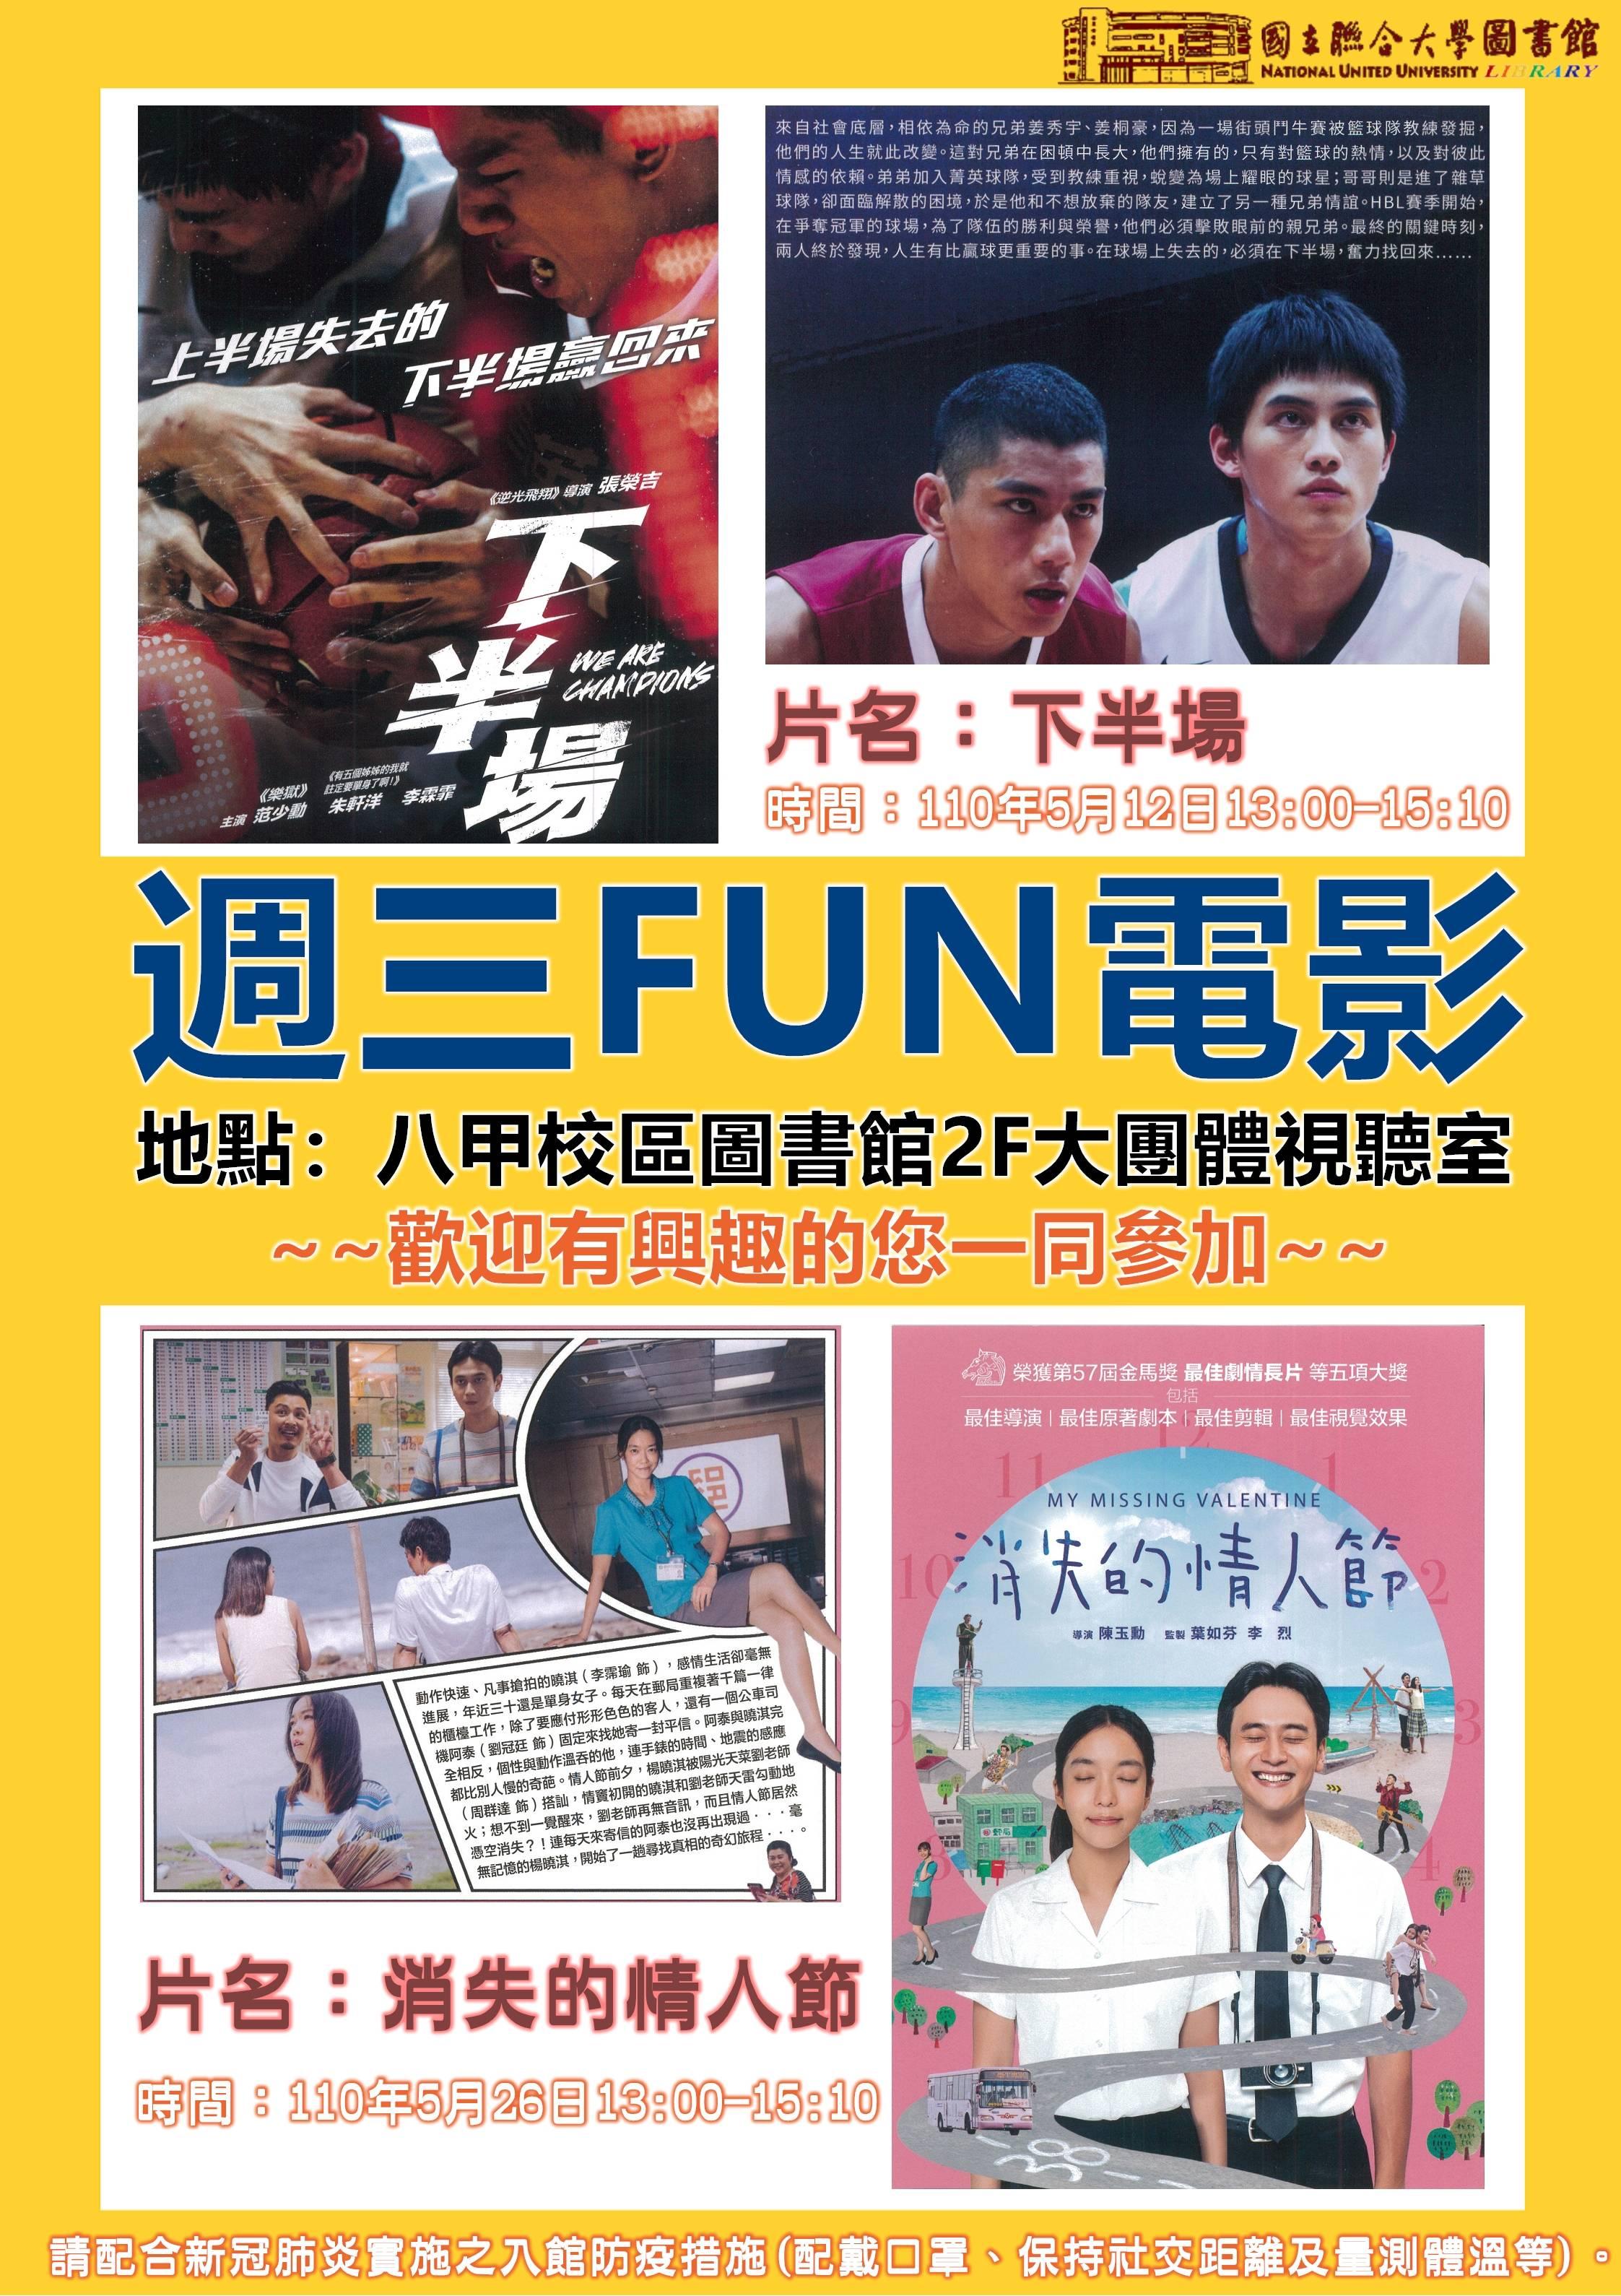 五月週三FUN電影